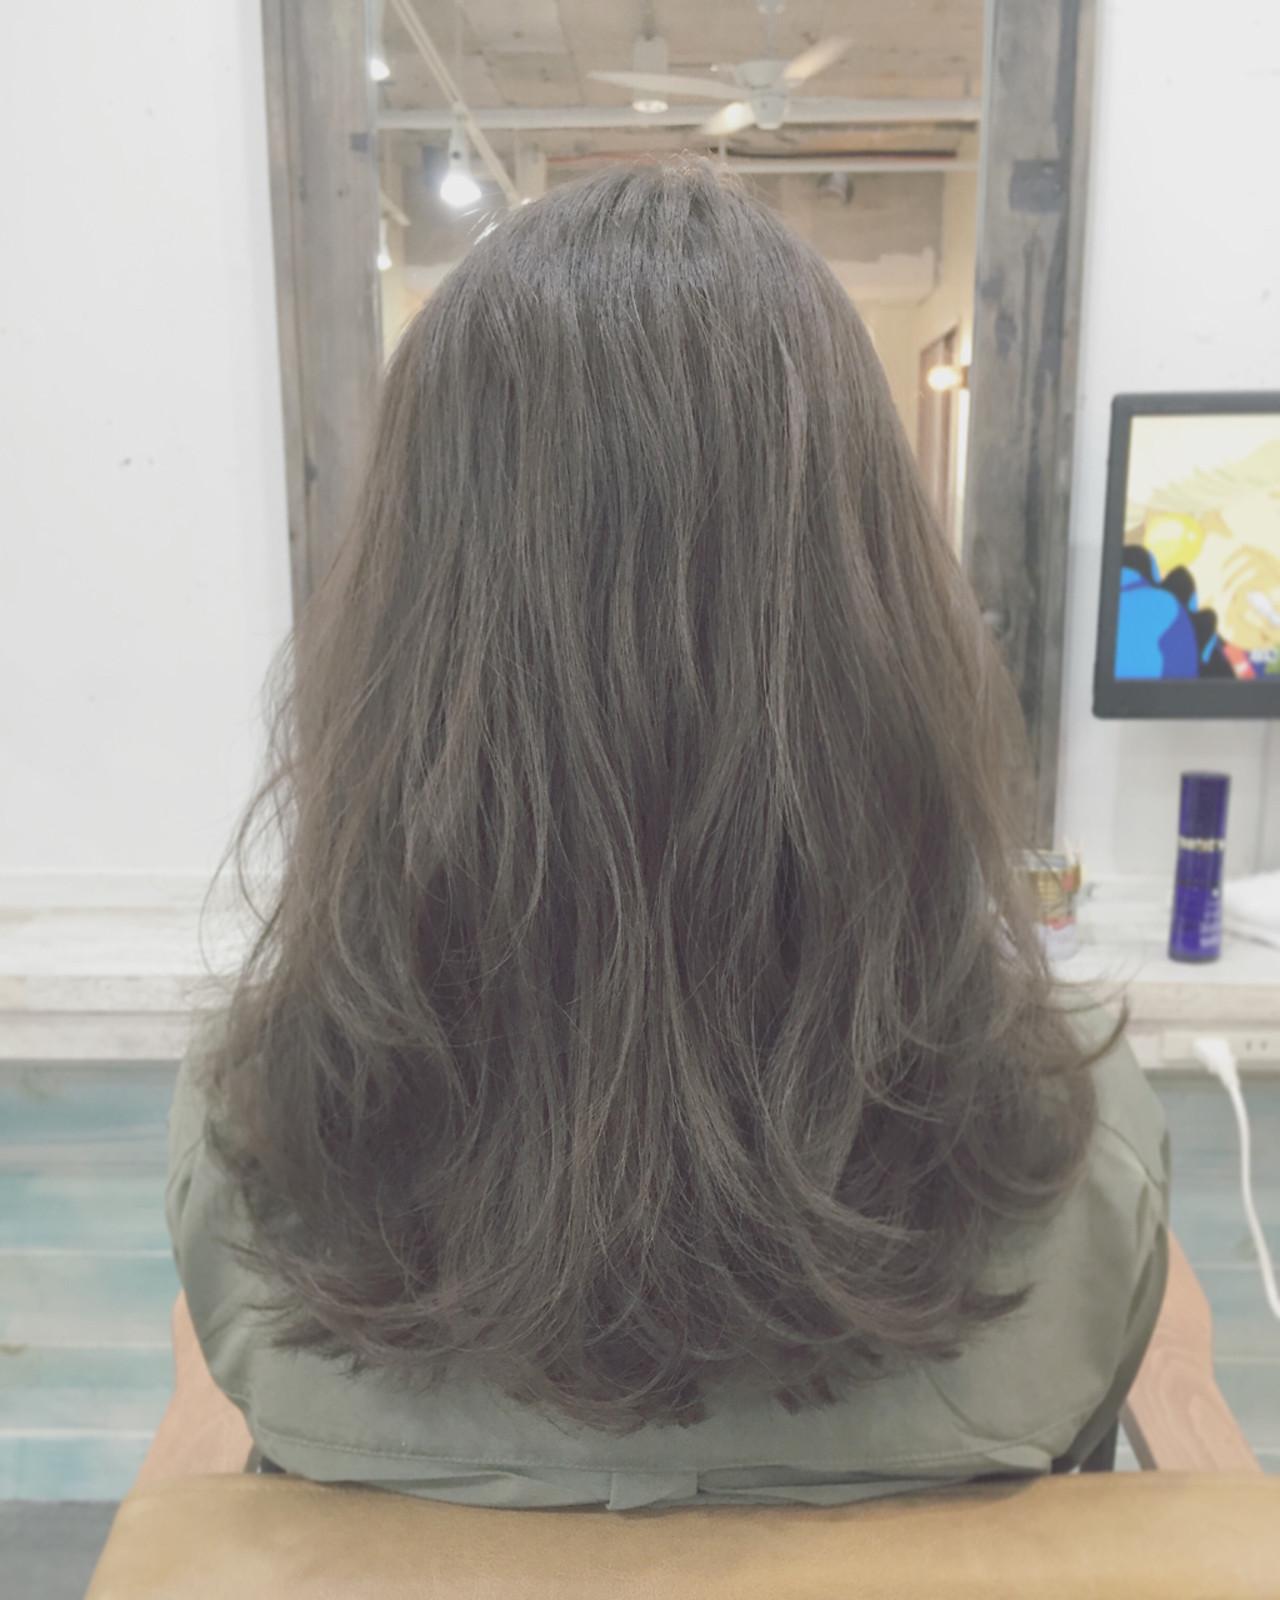 暗髪 ストリート グラデーションカラー 外国人風 ヘアスタイルや髪型の写真・画像 | 安達 優生 / U-REALM(ユーレルム)